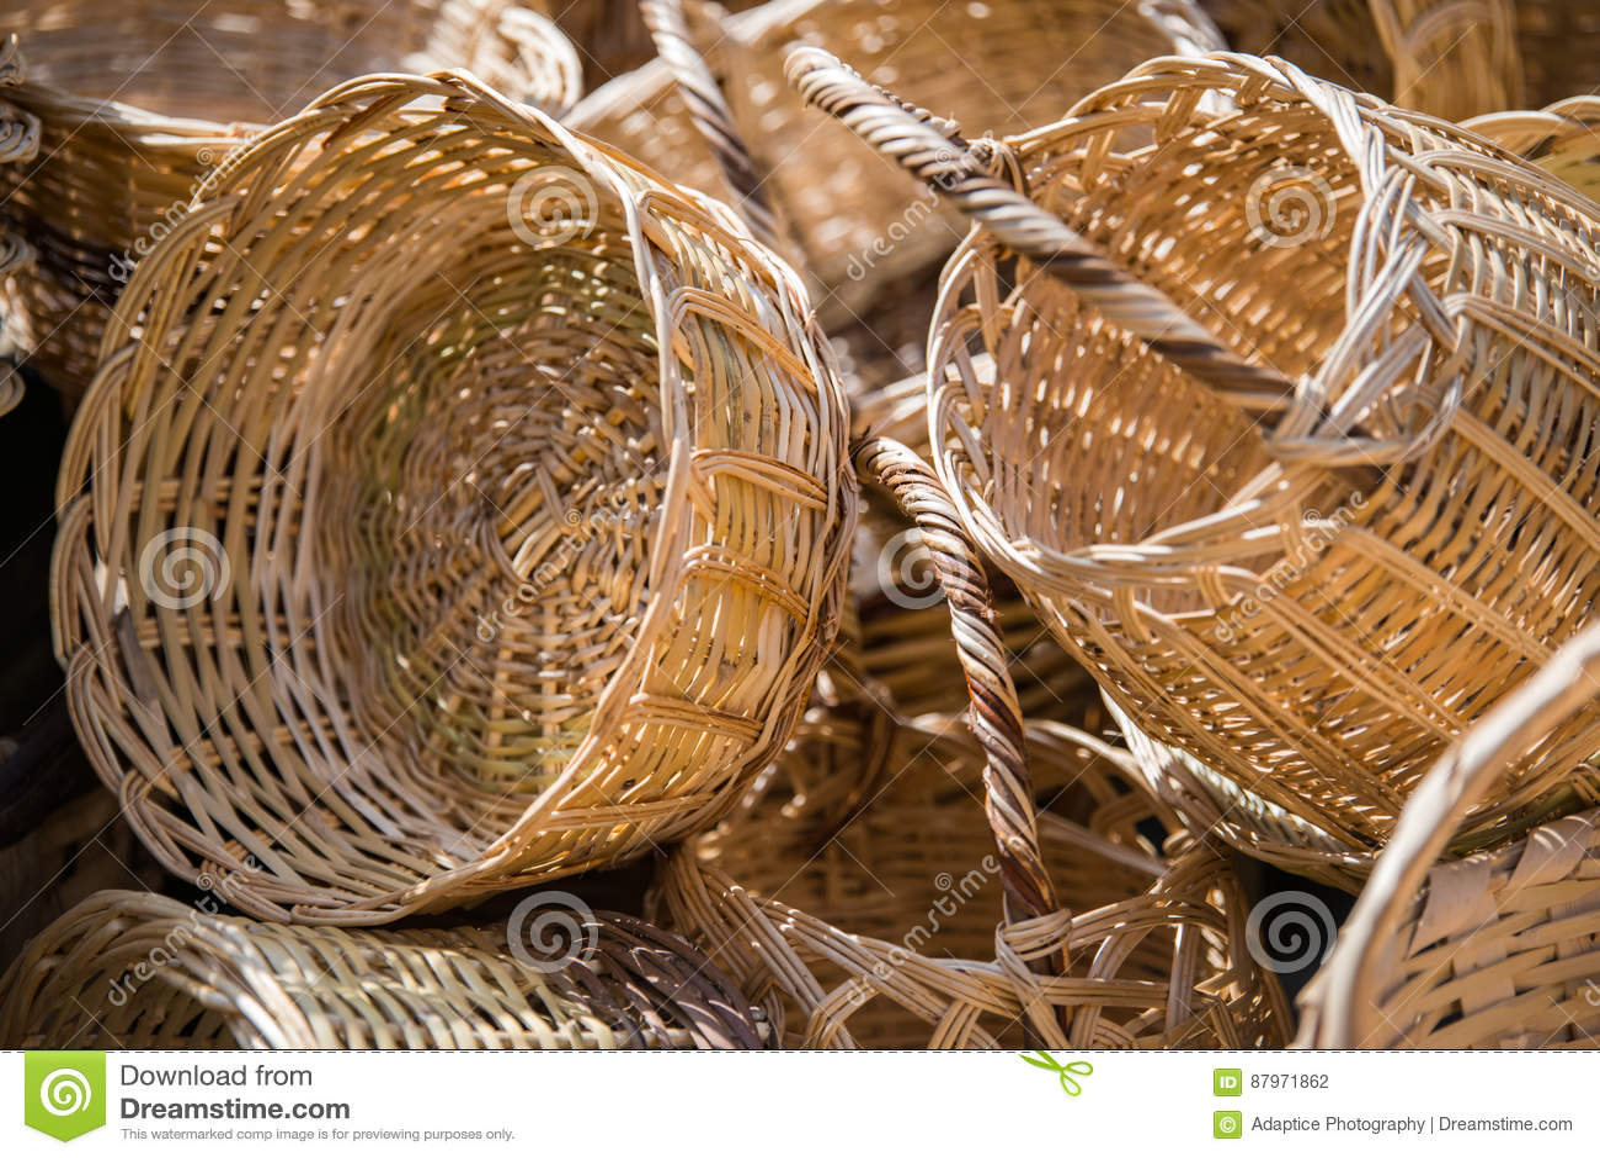 paniers en osier faits main faits avec les mat riaux naturels photo stock image du mat riaux. Black Bedroom Furniture Sets. Home Design Ideas